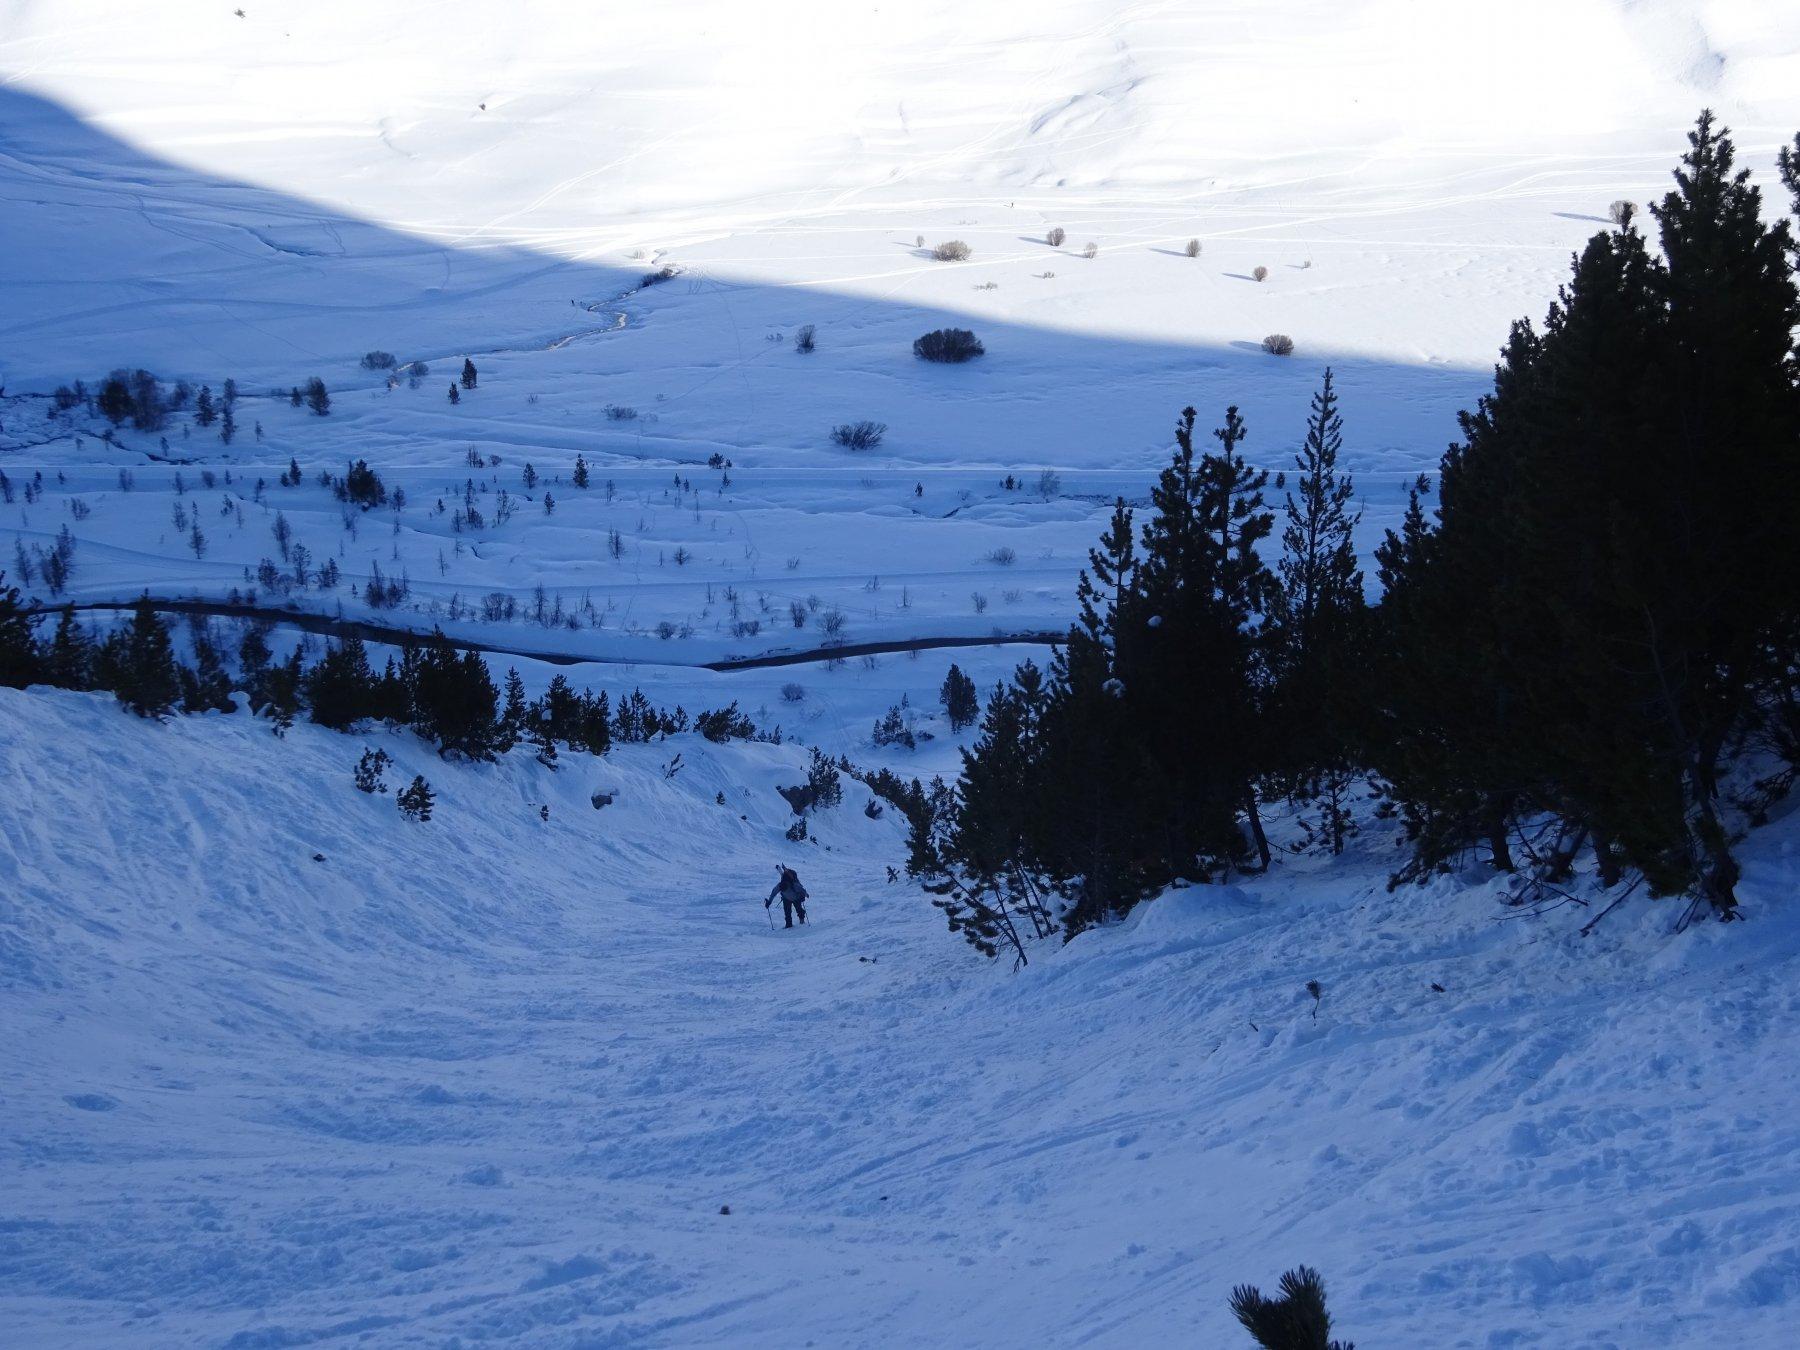 risalendo la parte bassa della Combe du Lasseron